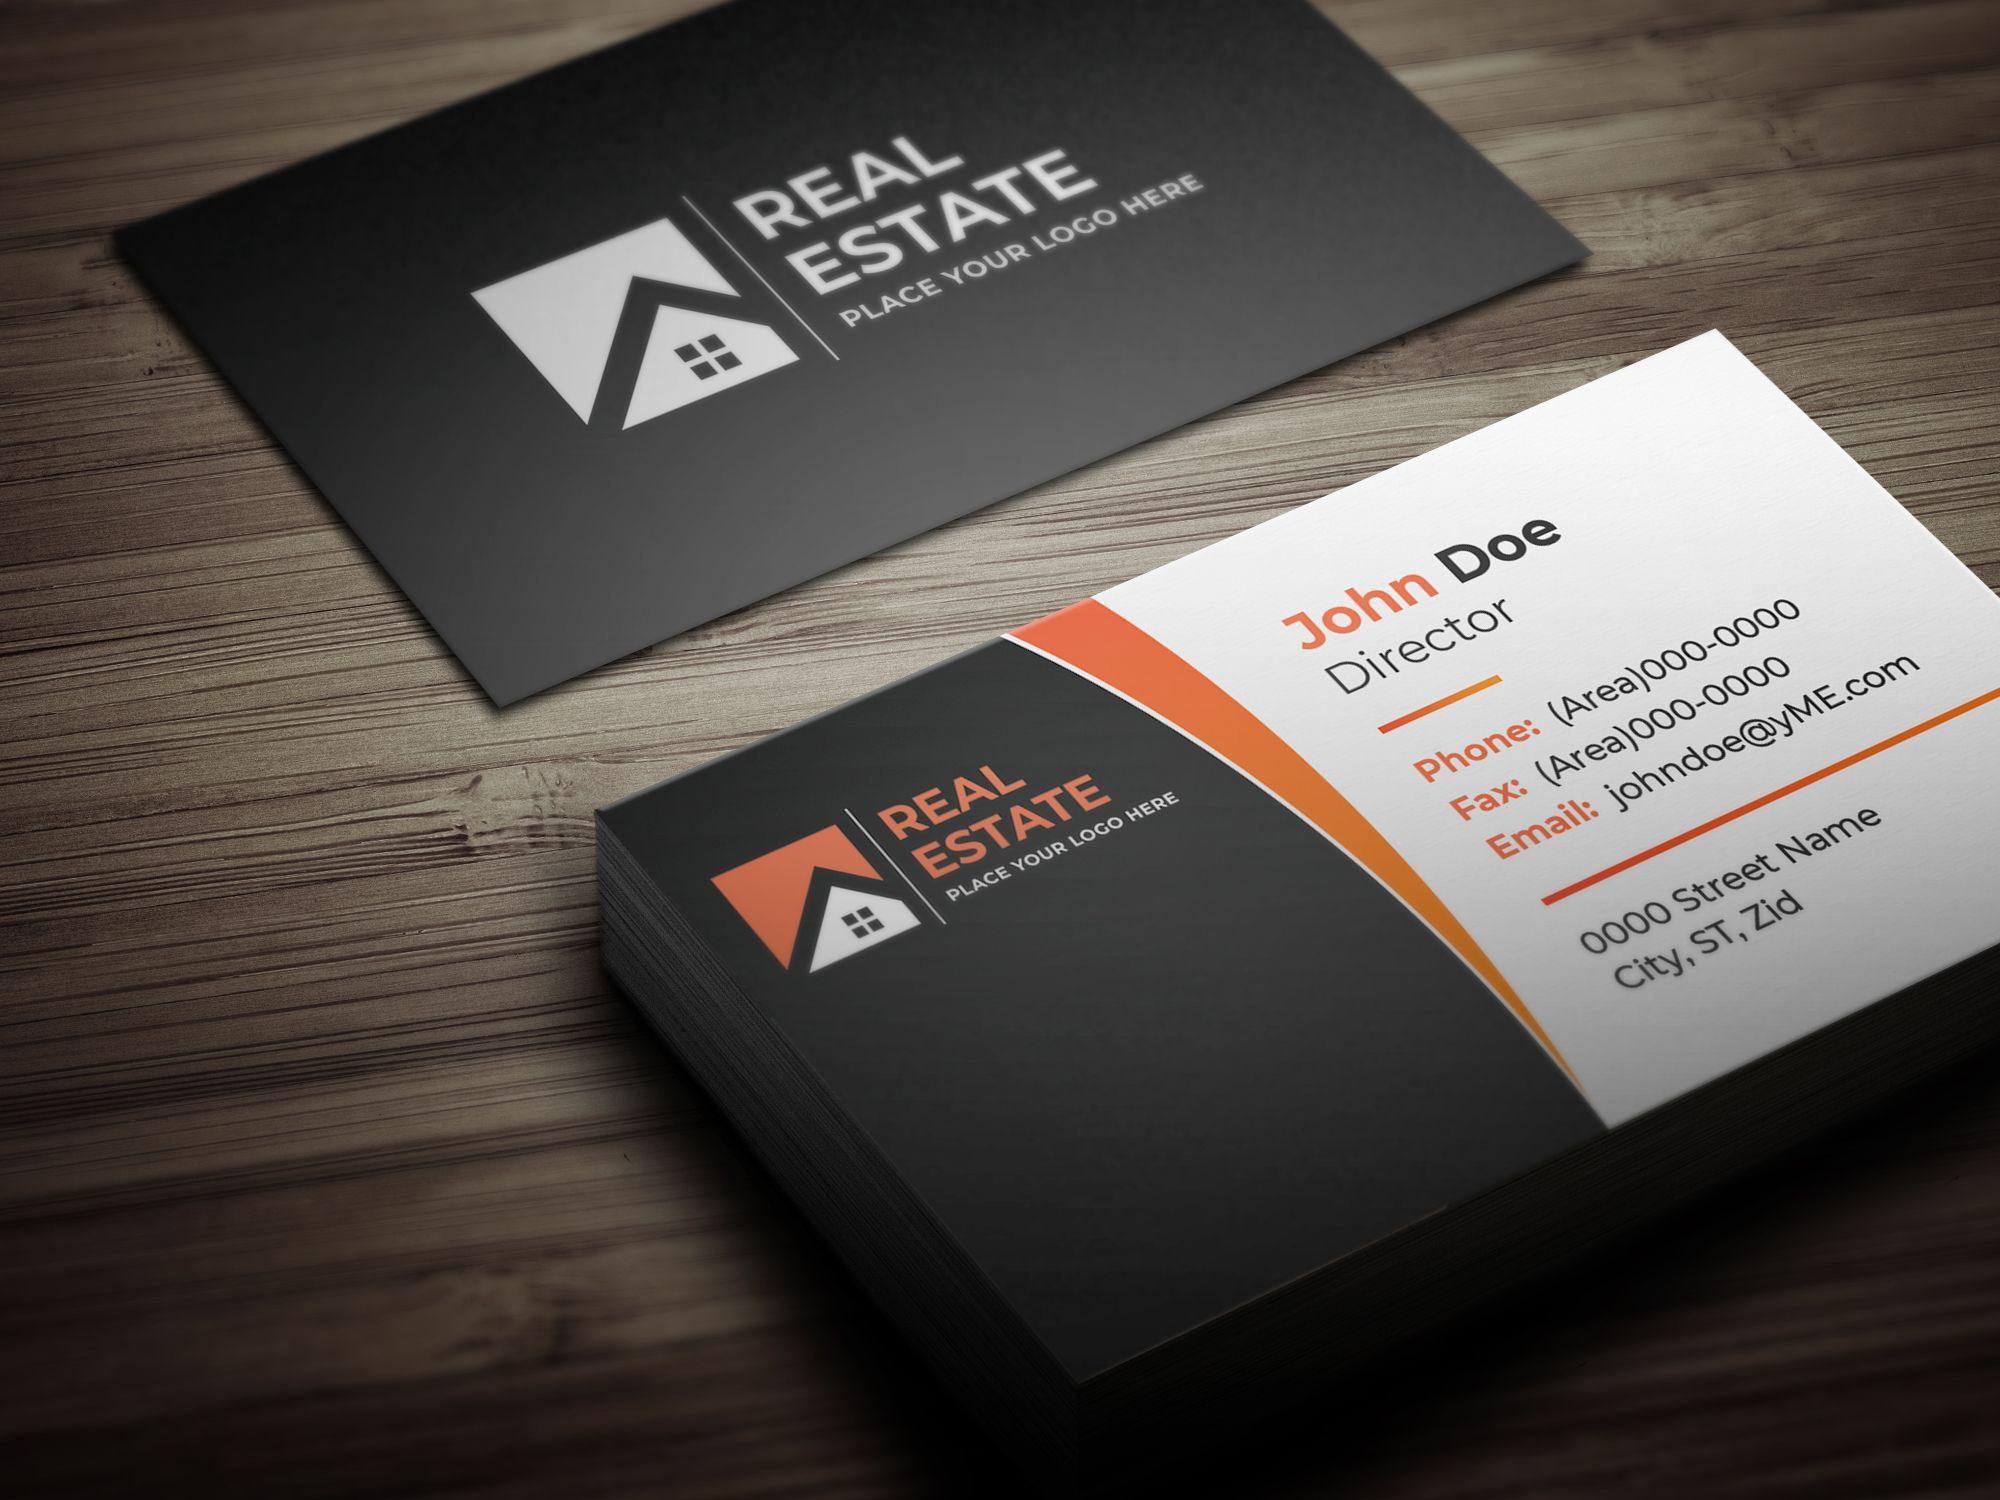 Sarfraz Jasim I Will Do Professional Custom Business Card Design For 30 On Fiverr Com Business Card Design Custom Business Cards Professional Business Cards